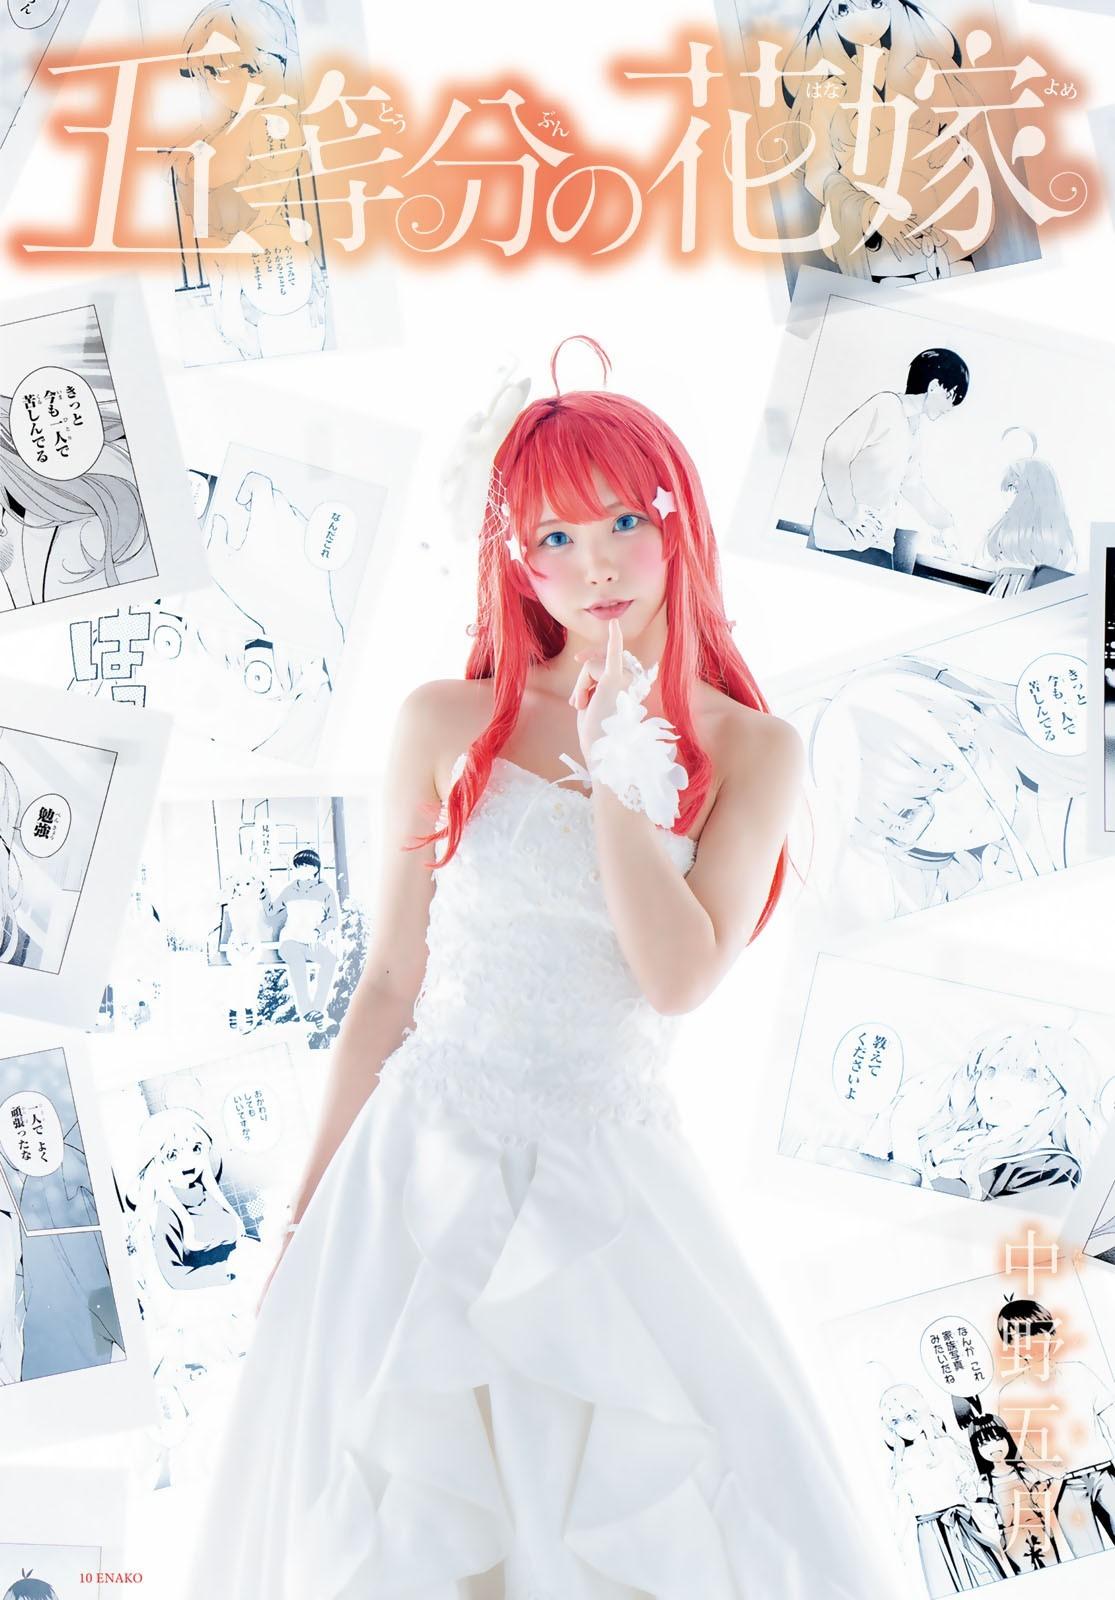 日本美少女enako一人分饰五角,cosplay《五等分的花嫁》中的妹子 第13张